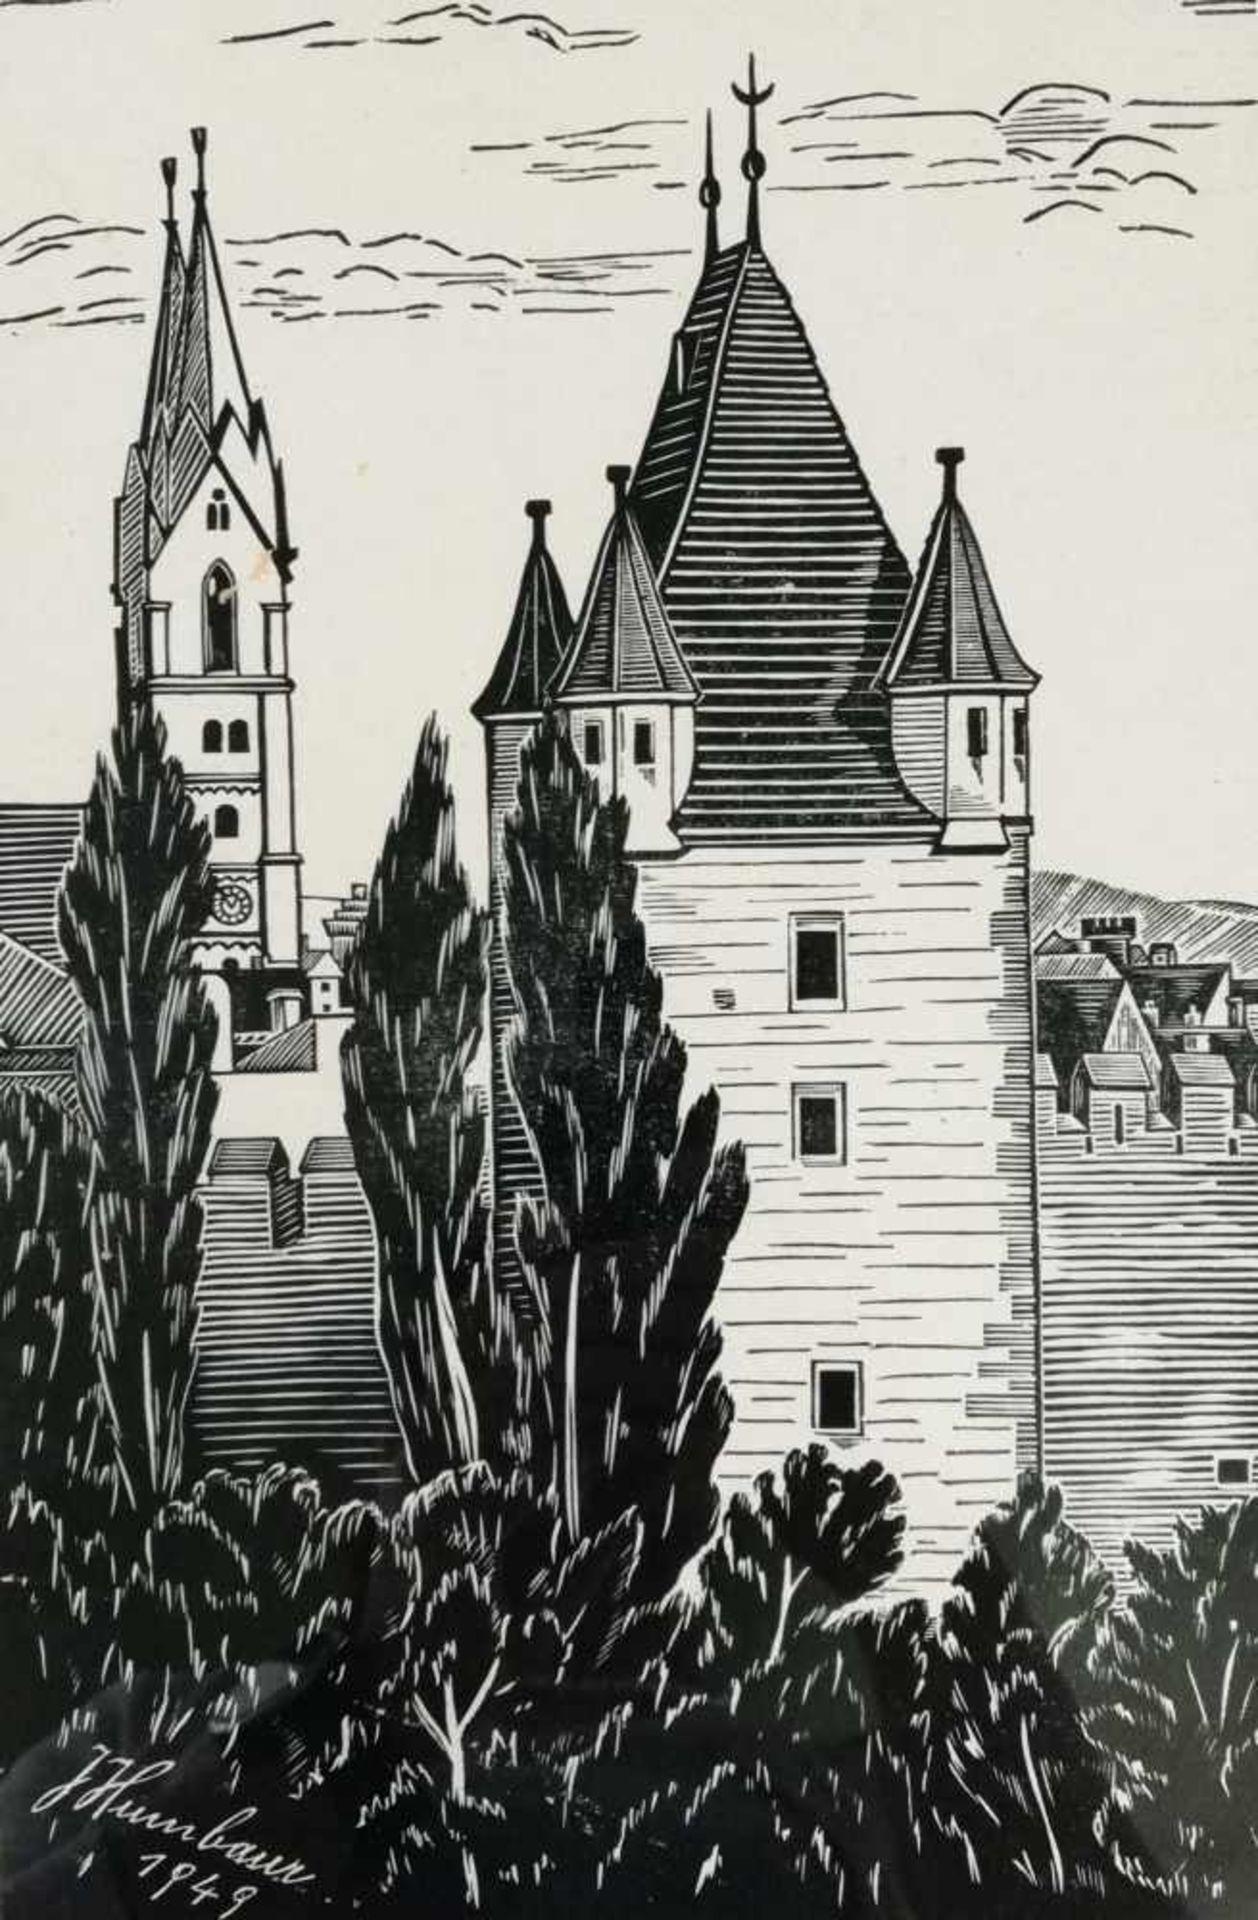 Los 18 - Künstler 20.Jh., bezeichnet J.HumbaurWiener Neustadt, Holzdruck, signiert J.Humbaur, datiert 1949,